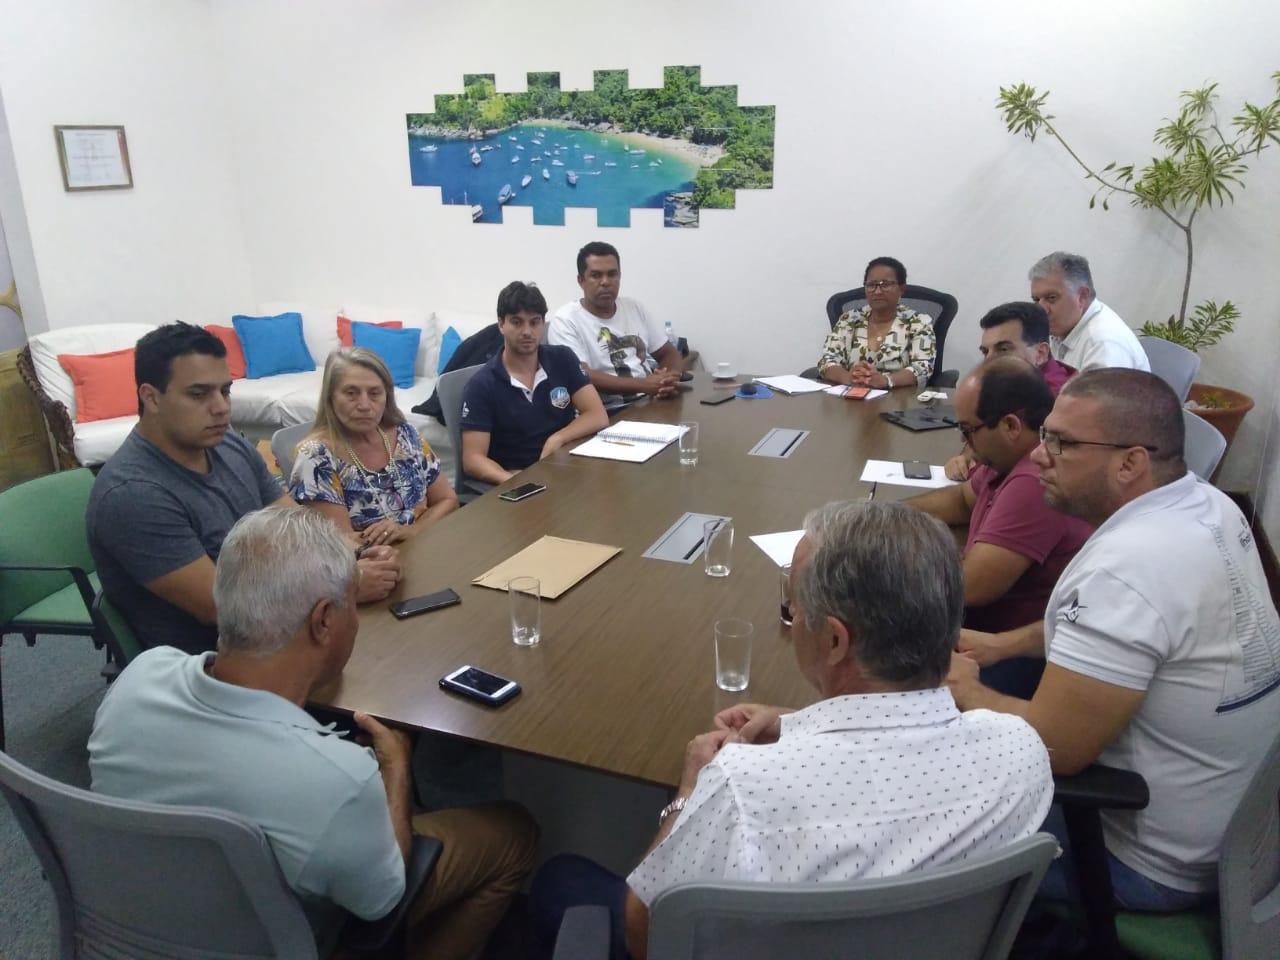 Decreto criará regras e disciplinará entrada de caminhões no arquipélago